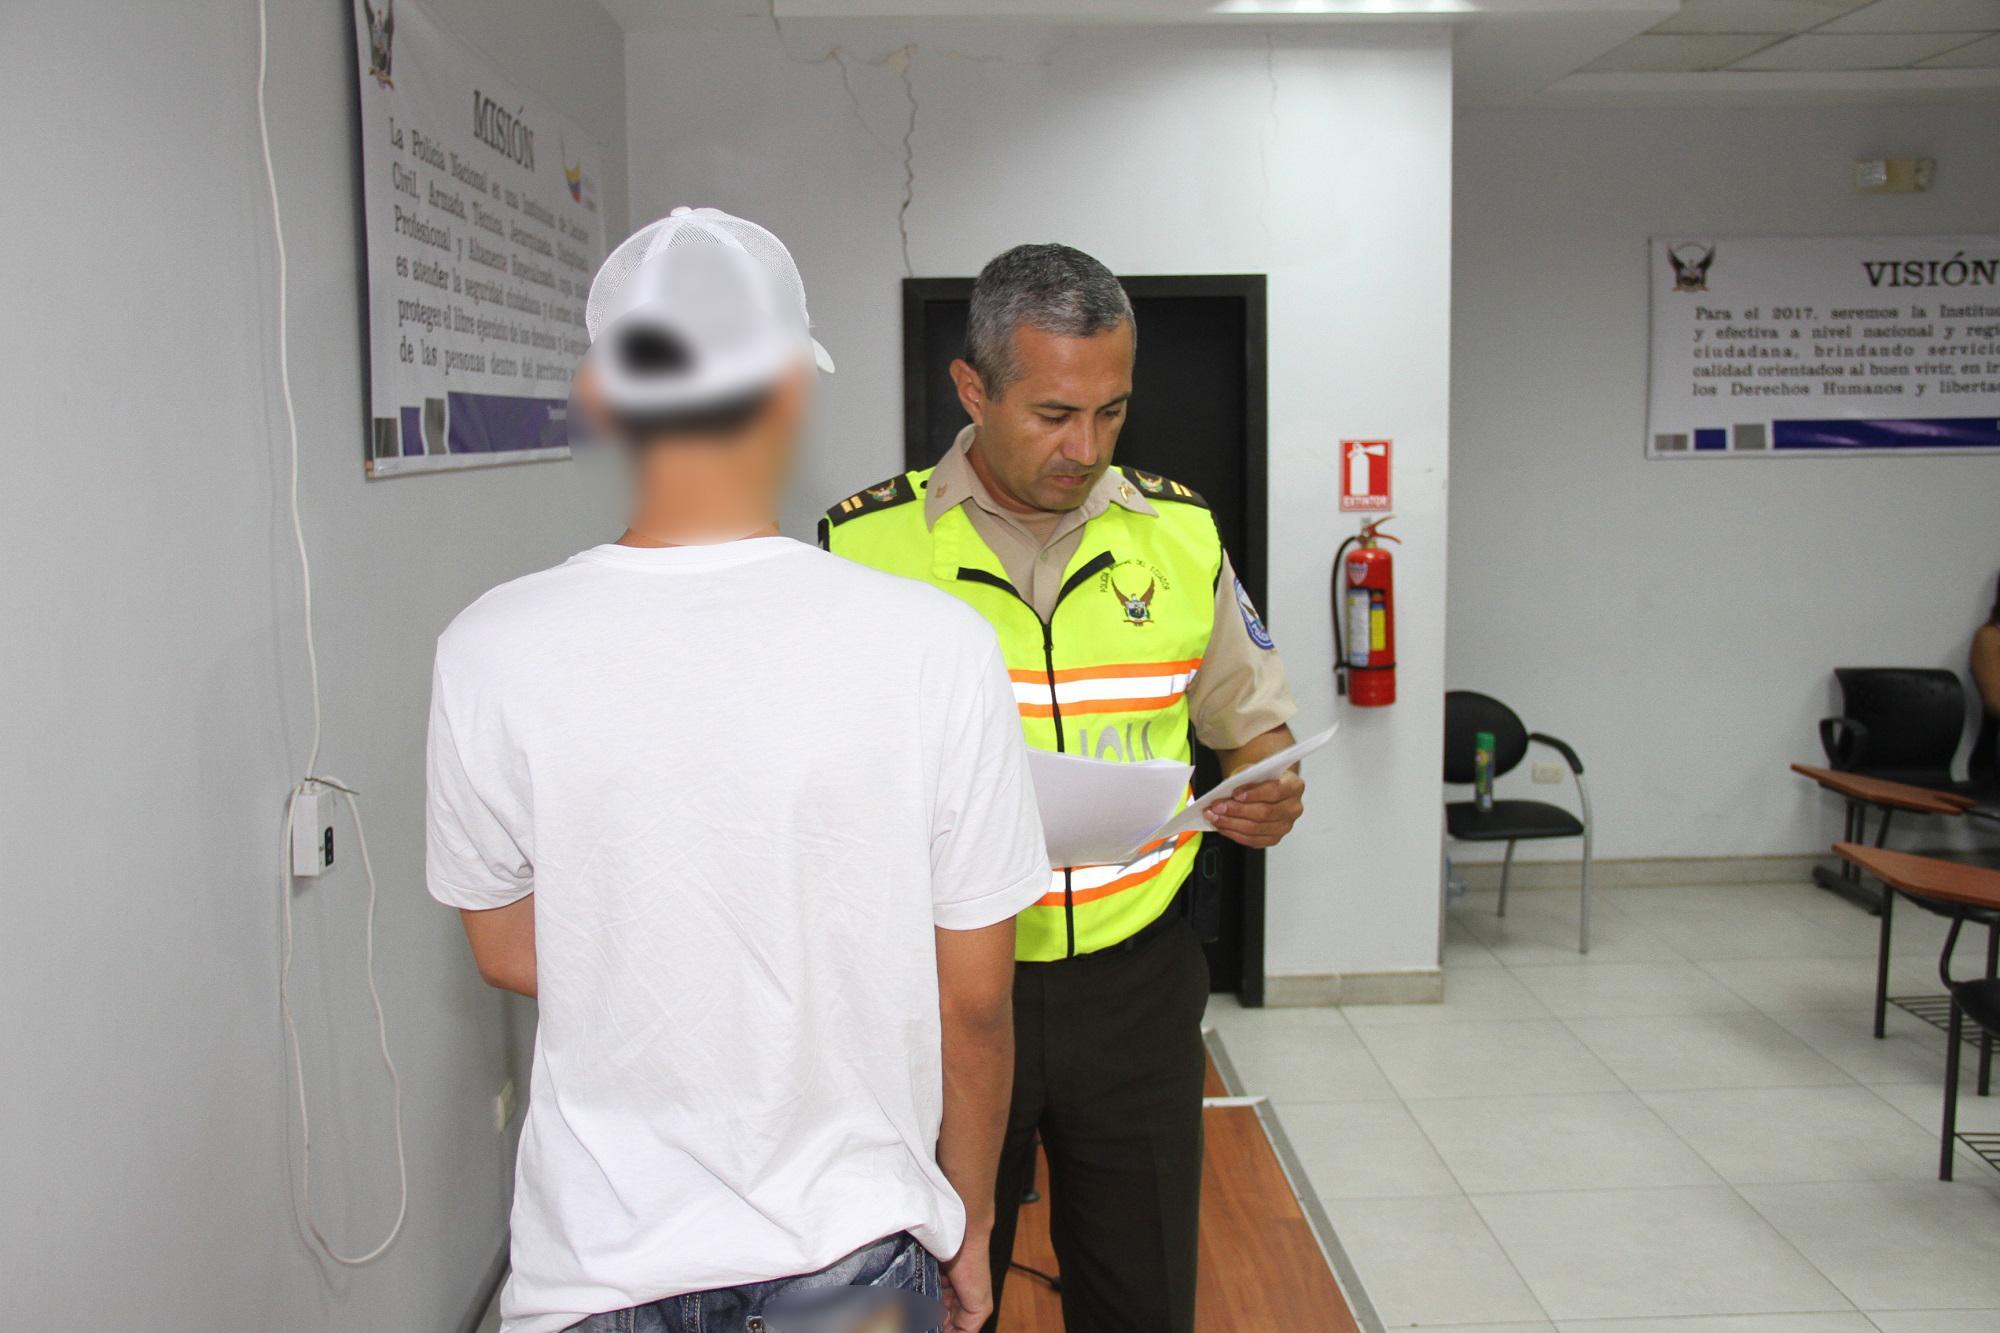 Reo escapa de una cárcel en Cuenca porque no soportaba el frío